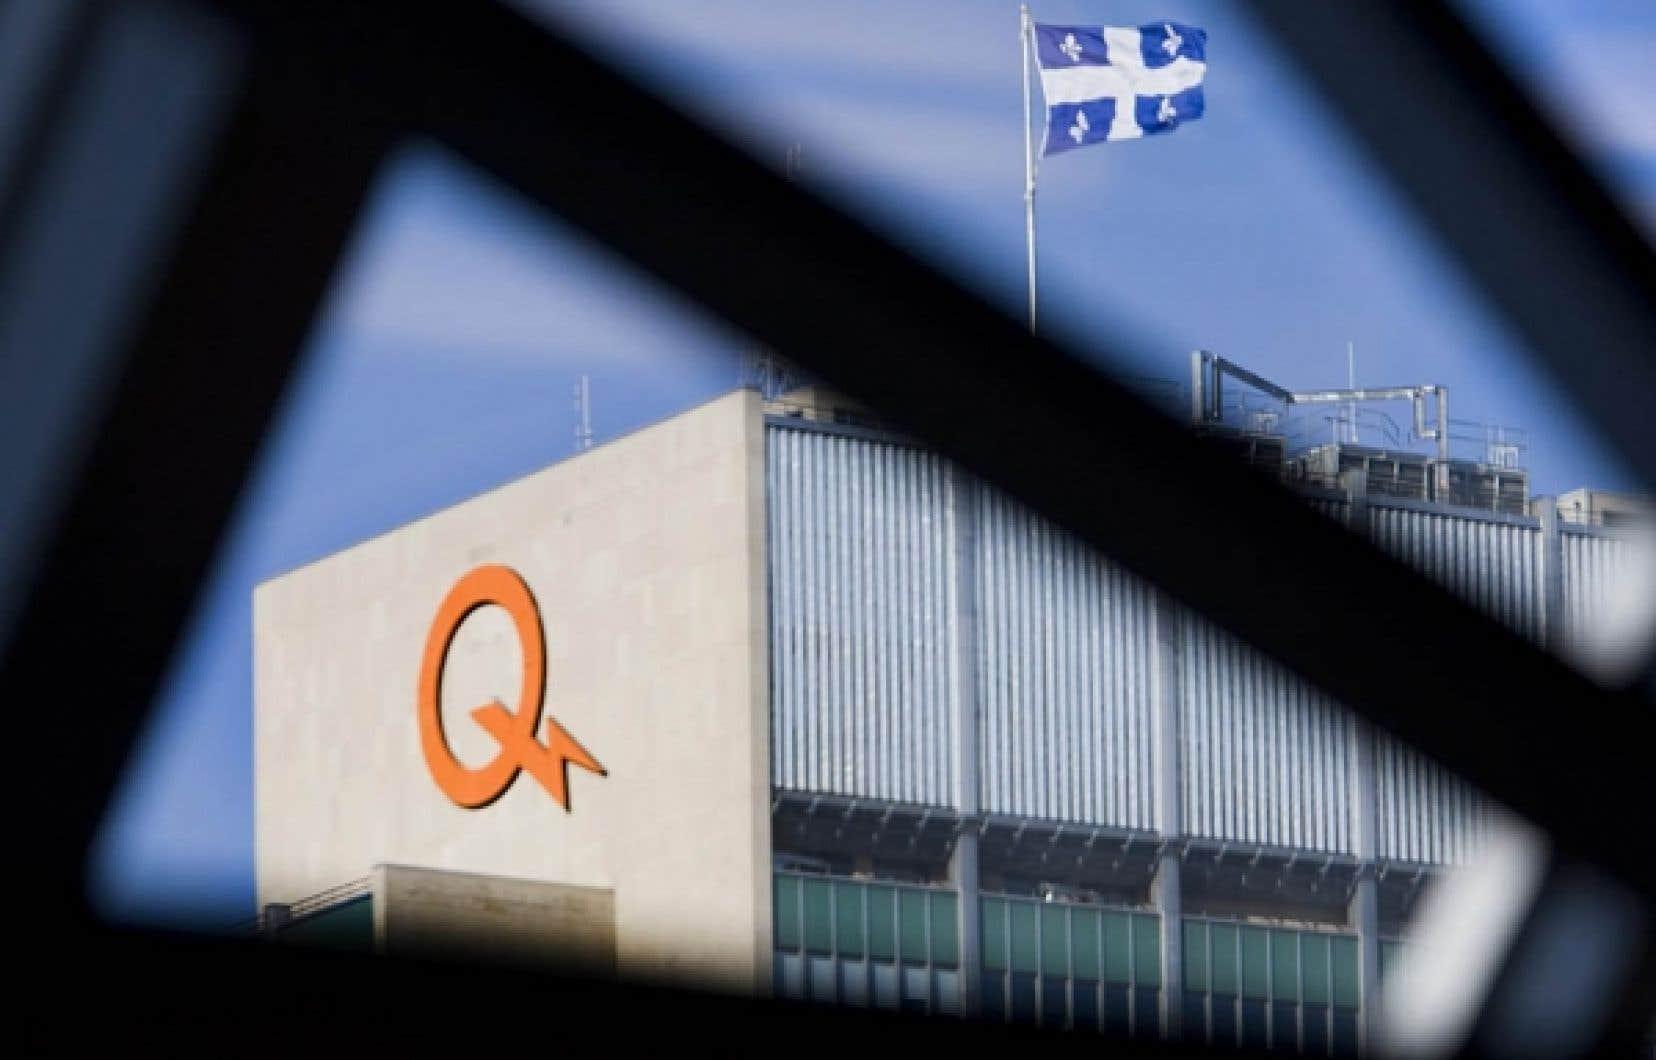 «À quoi sert l'Hydro dorénavant: à se payer des bas tarifs ou à nous aider en santé, à nous aider à réduire la dette à long terme? L'électricité, c'est sûr que c'est une piste de solution qu'il faut avoir», a déclaré hier le ministre des Finances du Québec, Raymond Bachand.